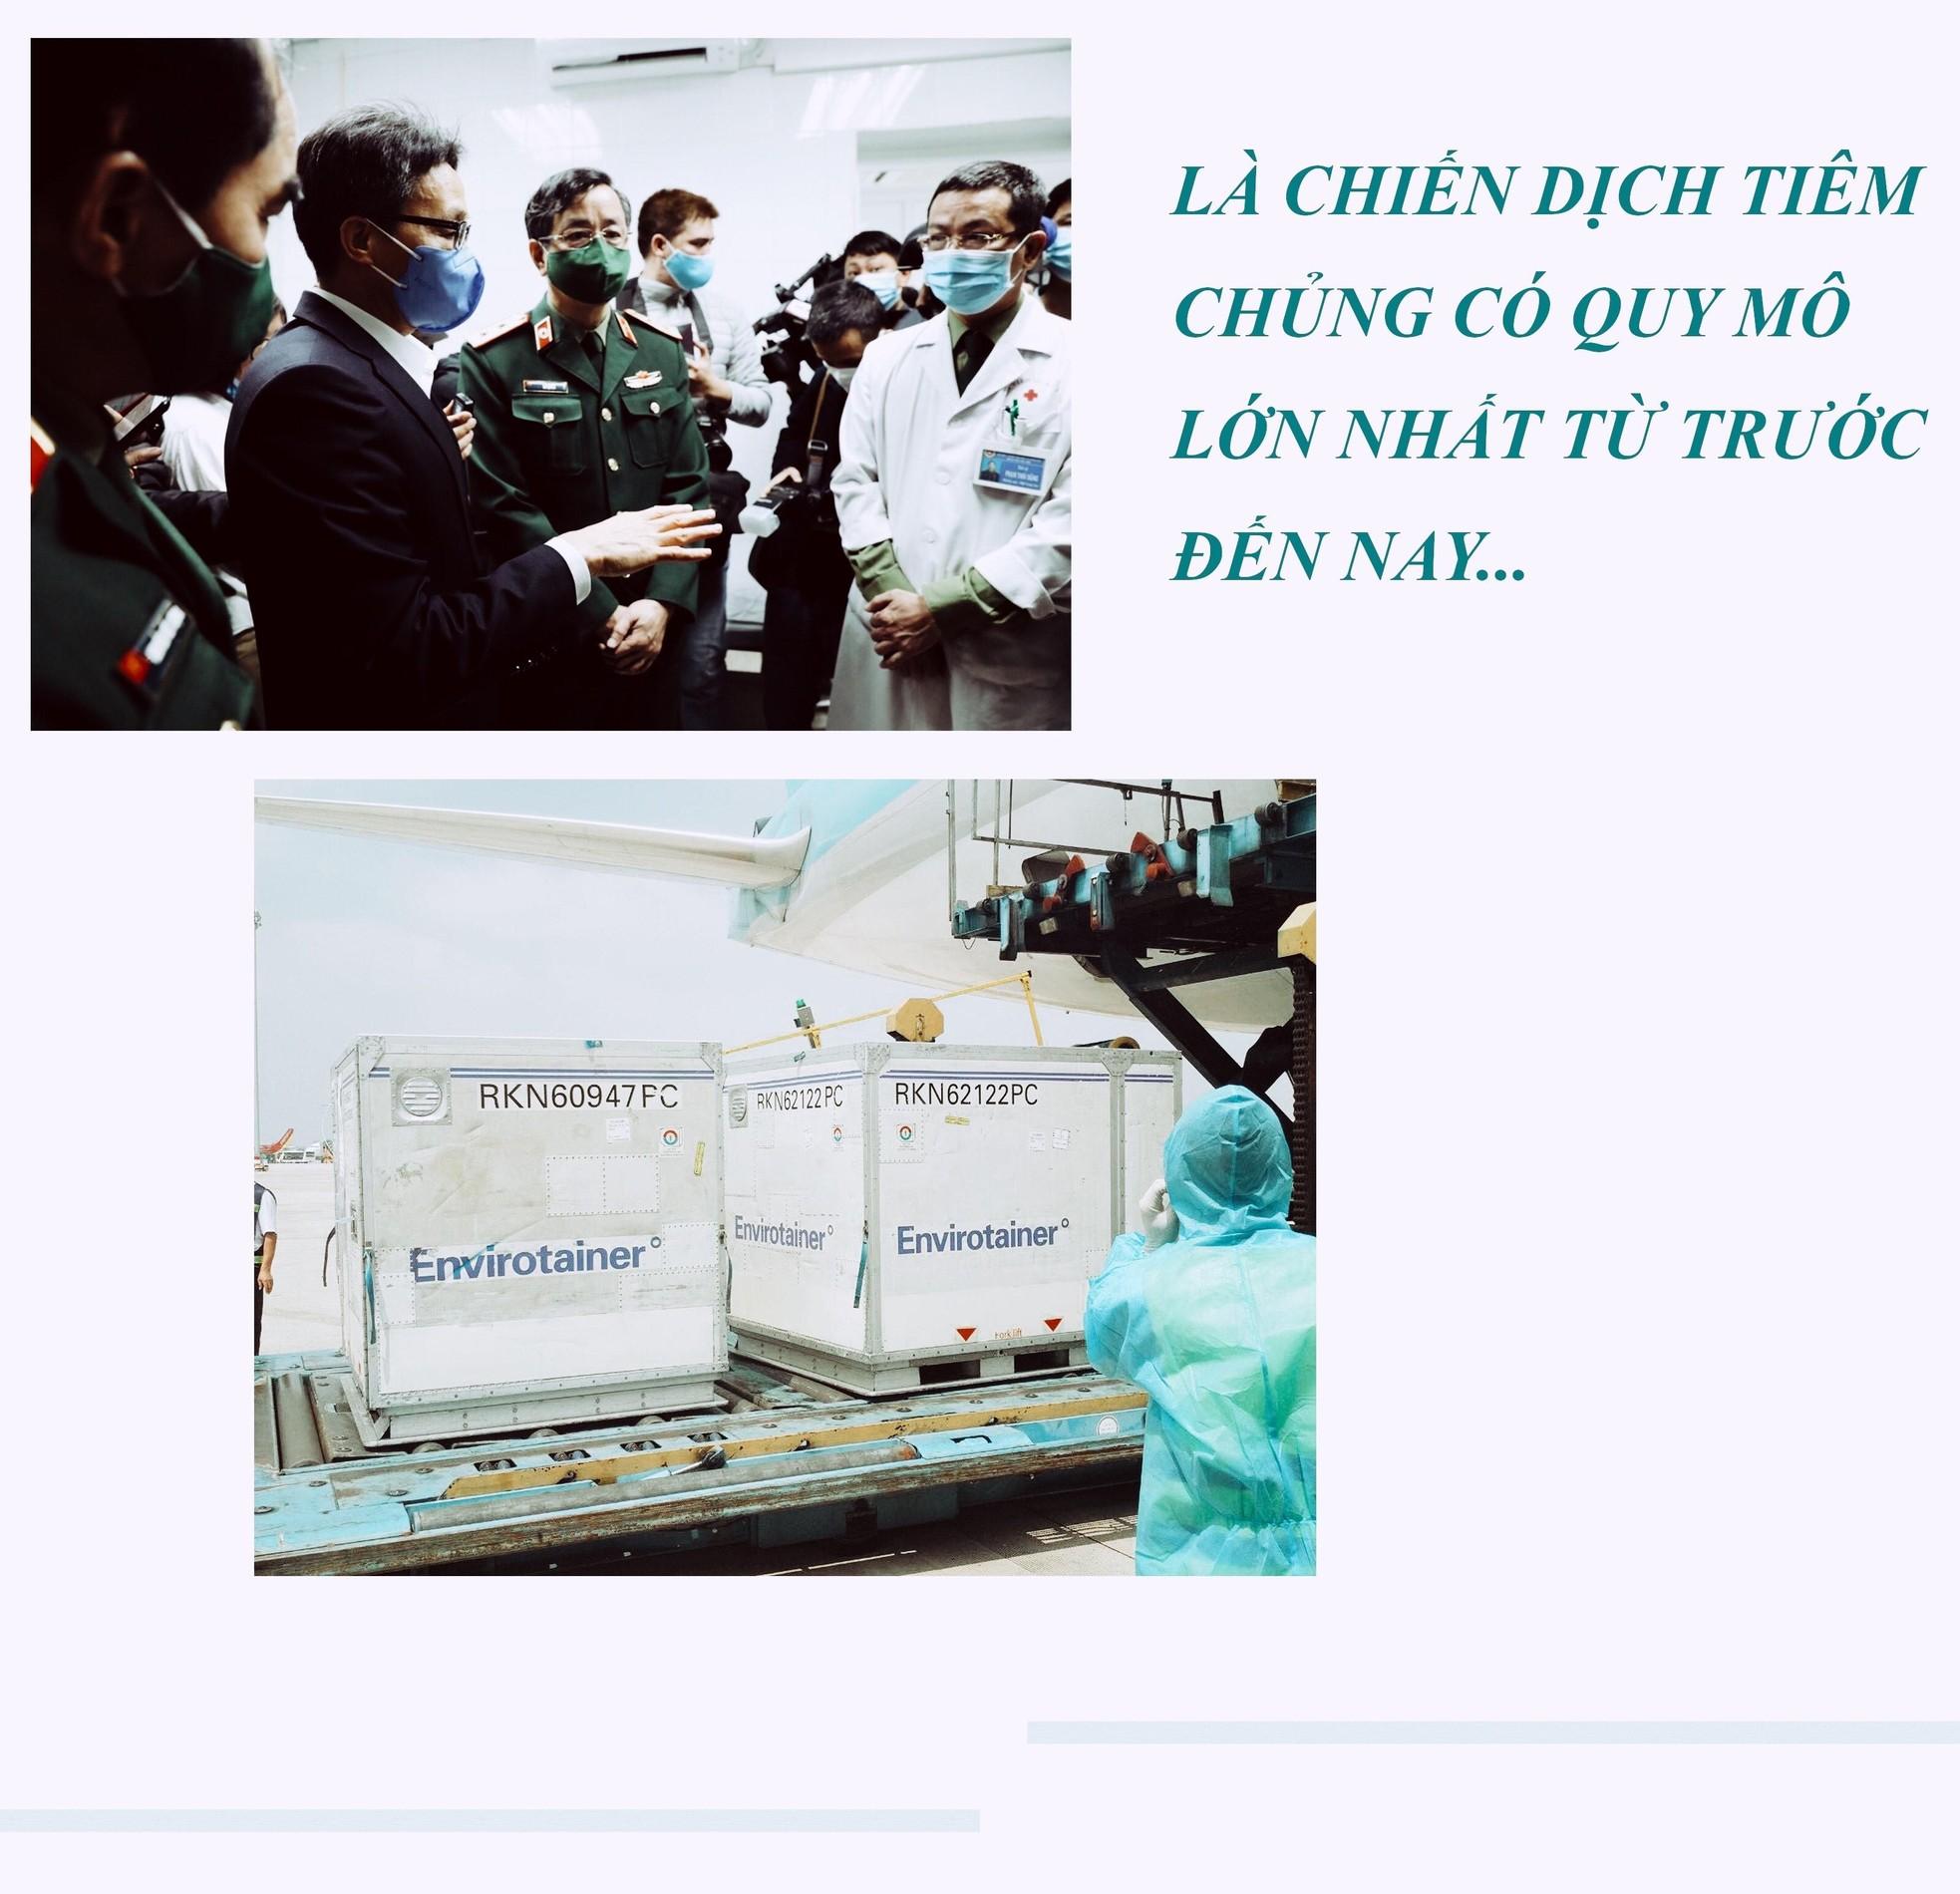 Việt Nam triển khai tiêm vaccine phòng COVID-19: Hào hứng và hồi hộp! ảnh 3